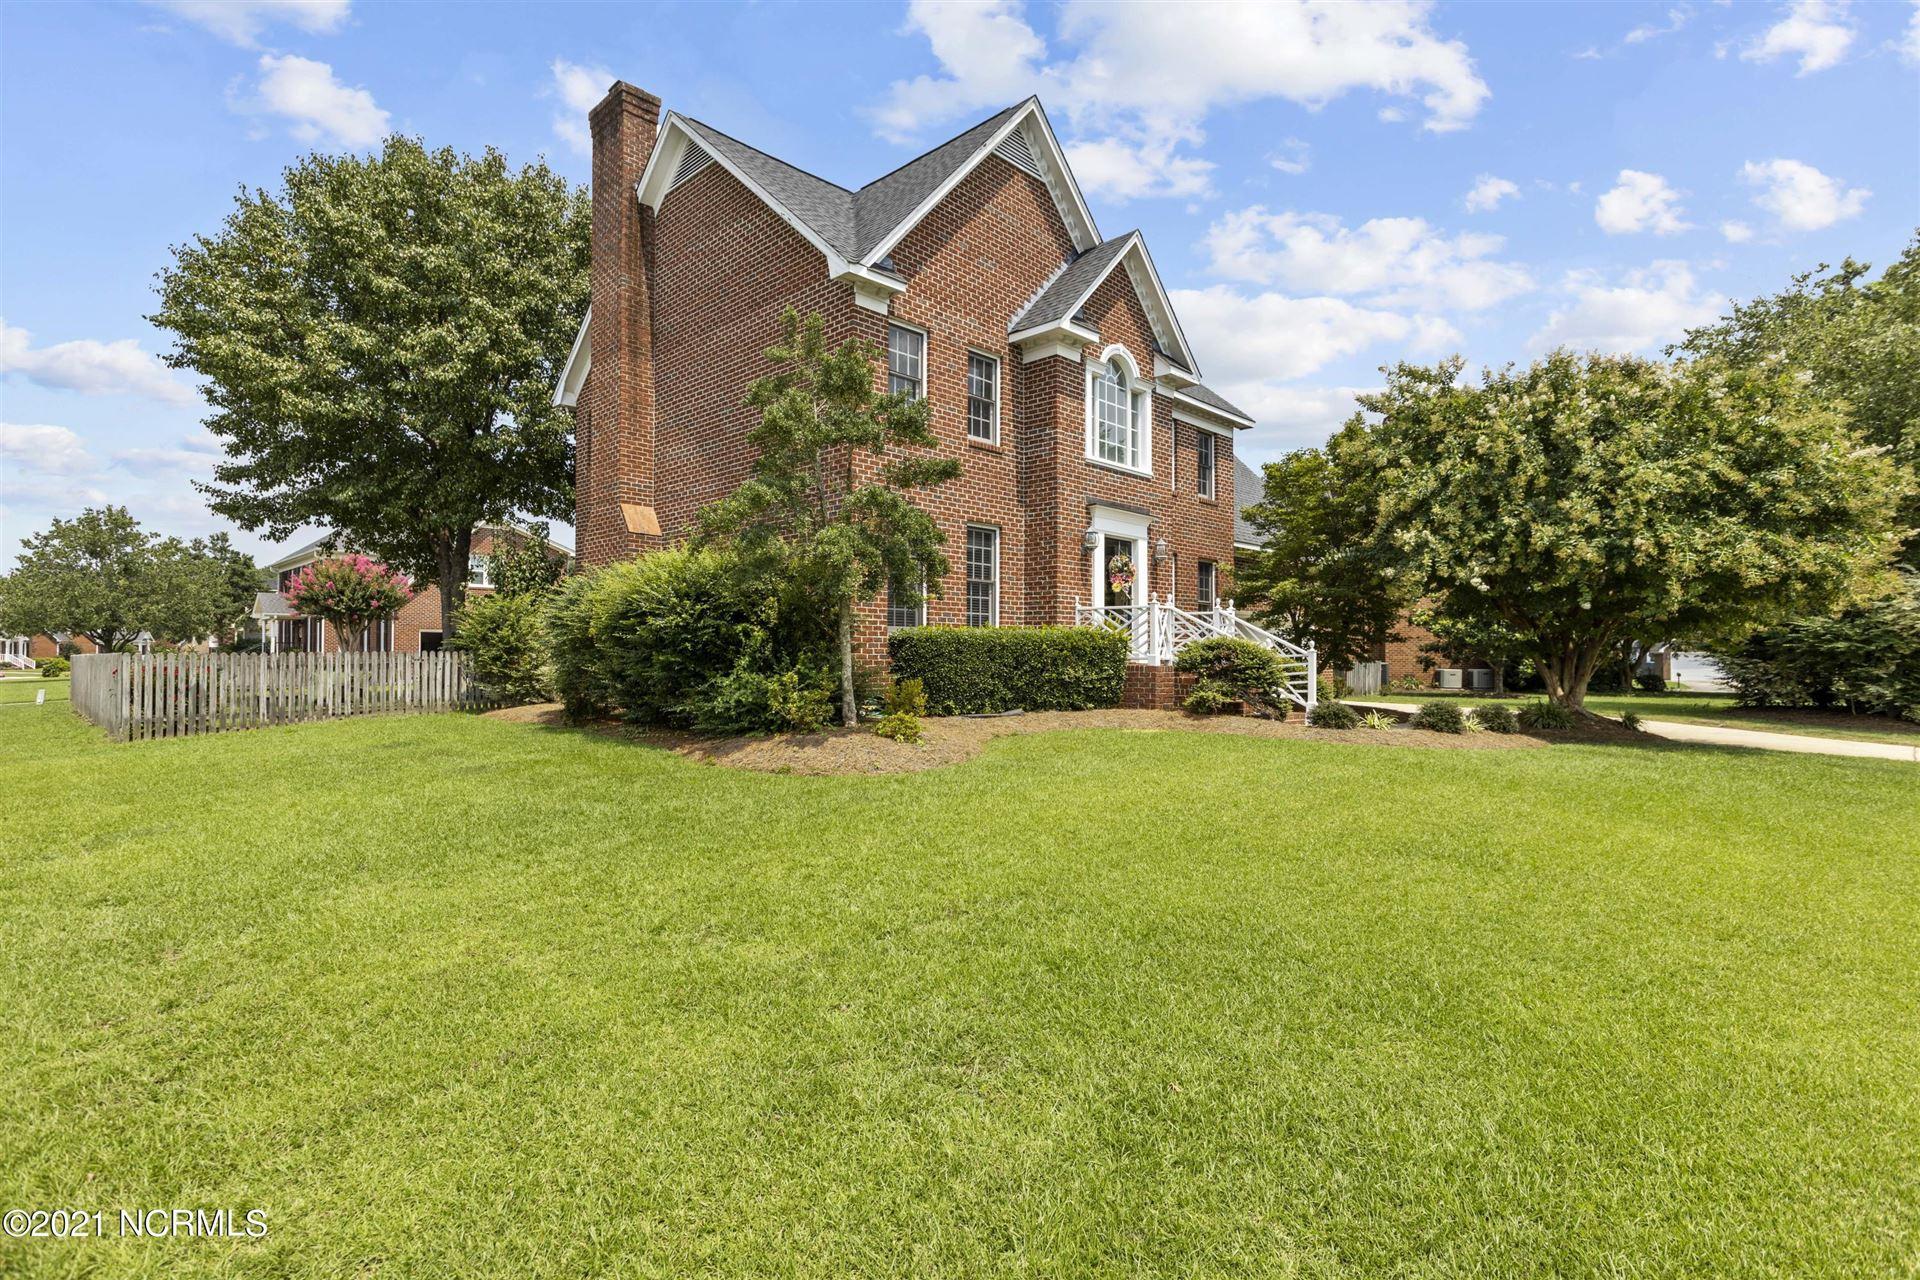 Photo of 2401 Surrey Lane, Greenville, NC 27858 (MLS # 100282437)